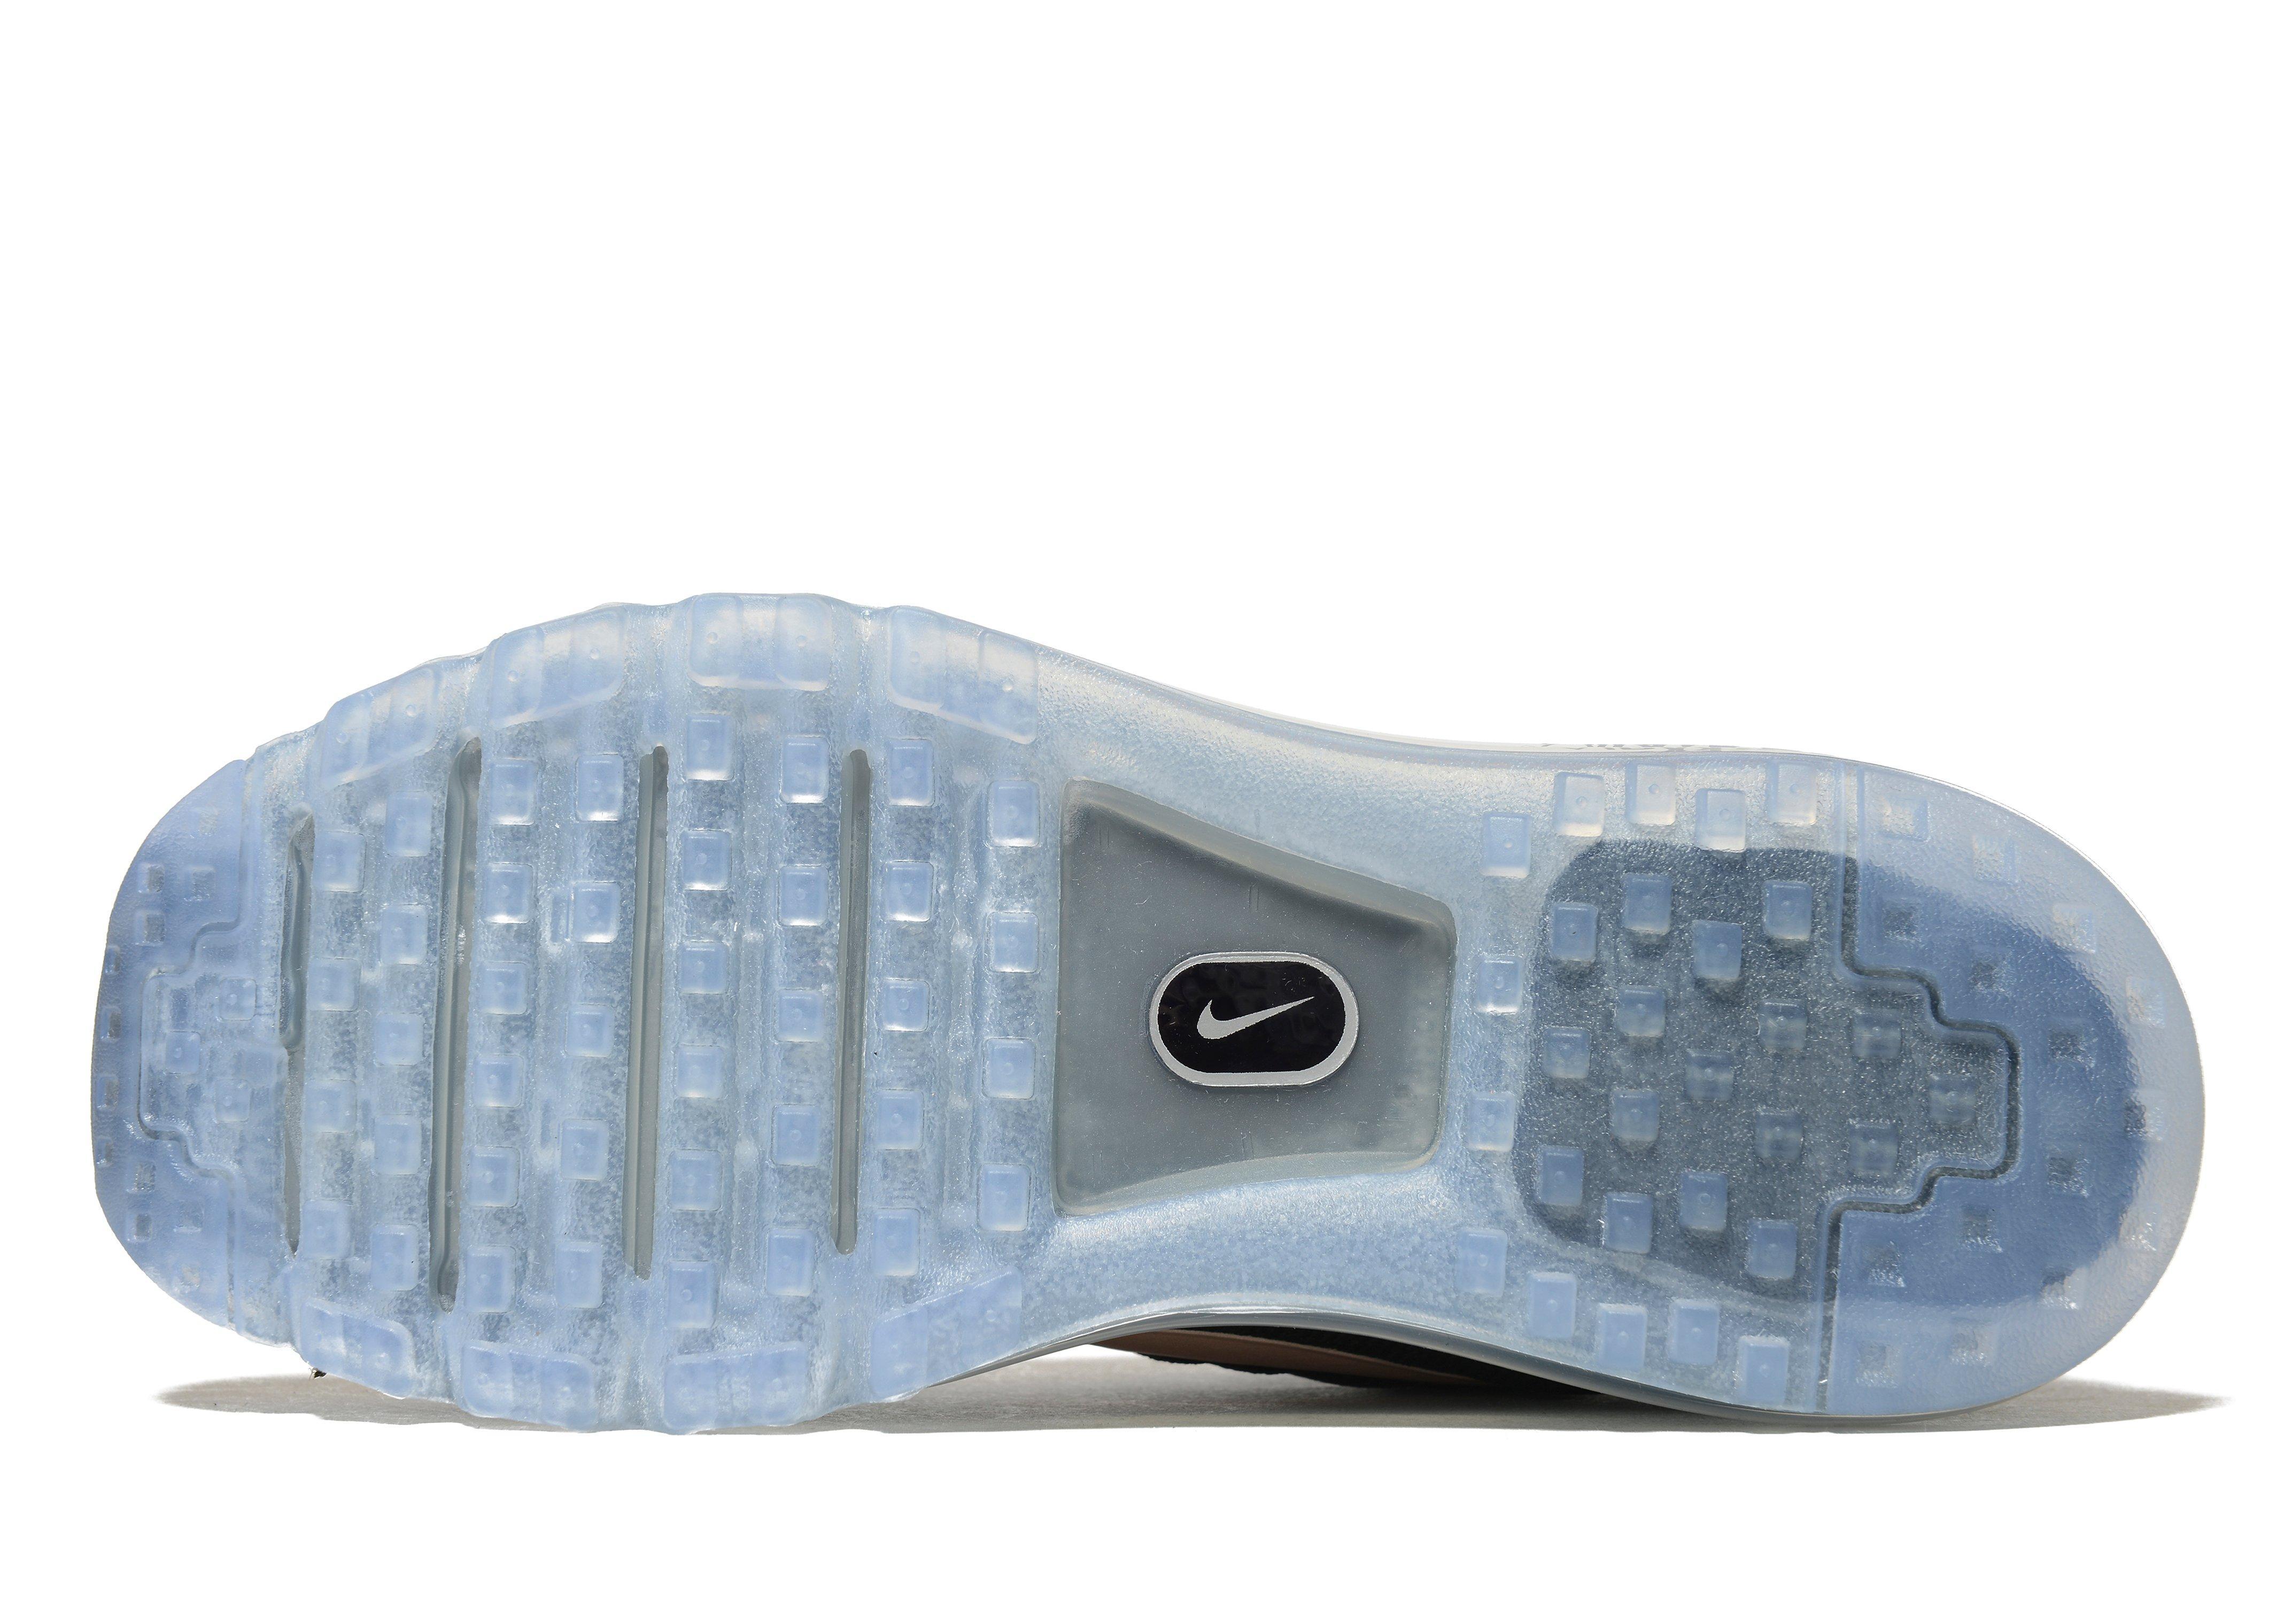 Nike Classic Cortez Leopard Print Shoes Shoe Shops. black leopard nike shoes 3f0185dc5